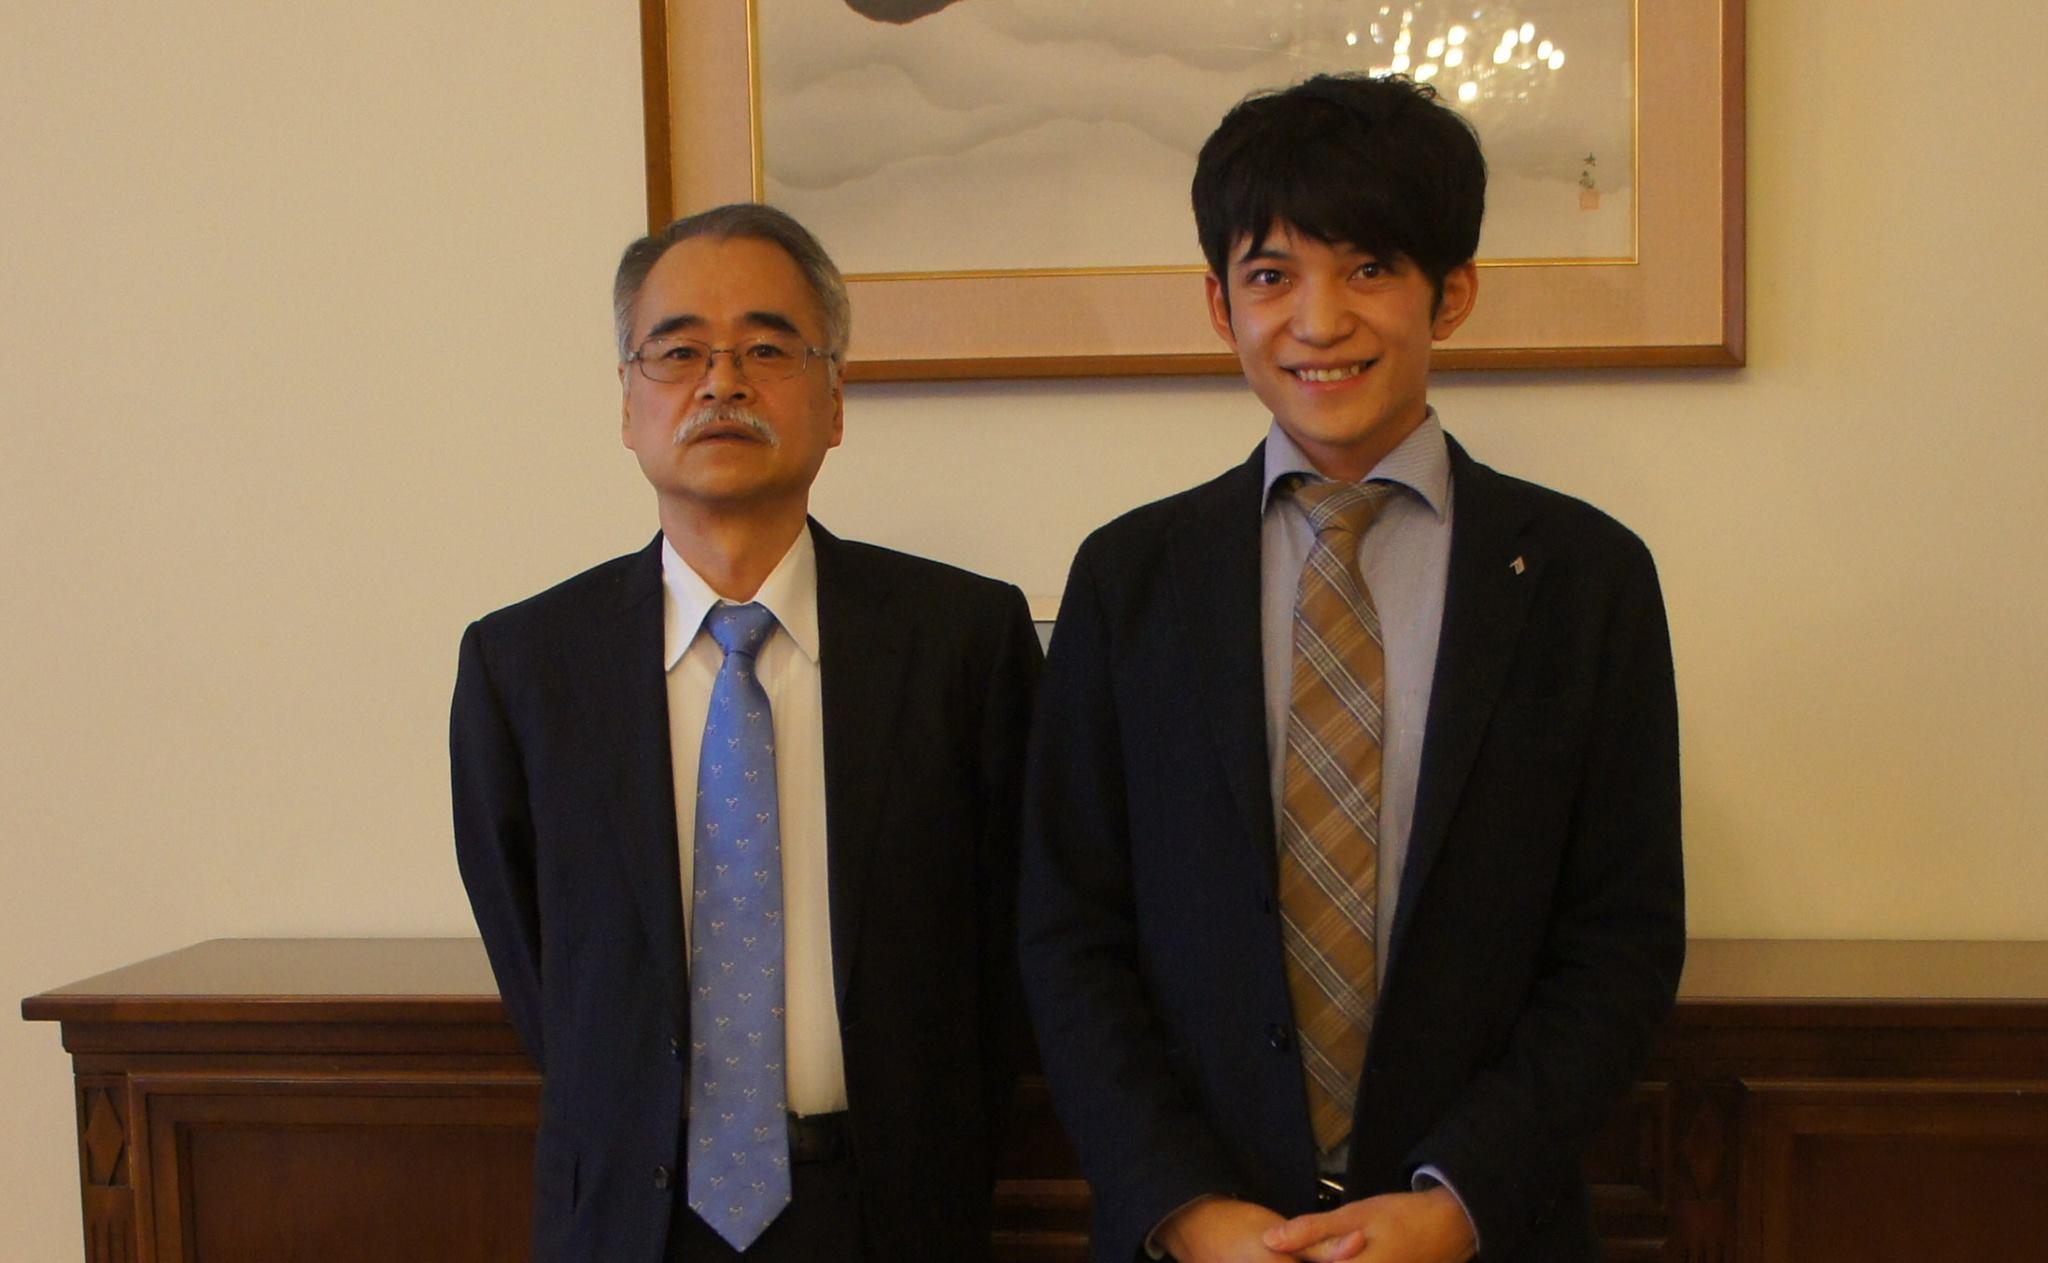 サンクトペテルブルグ日本総領事館 山村総領事より夕食のご招待をいただきました。